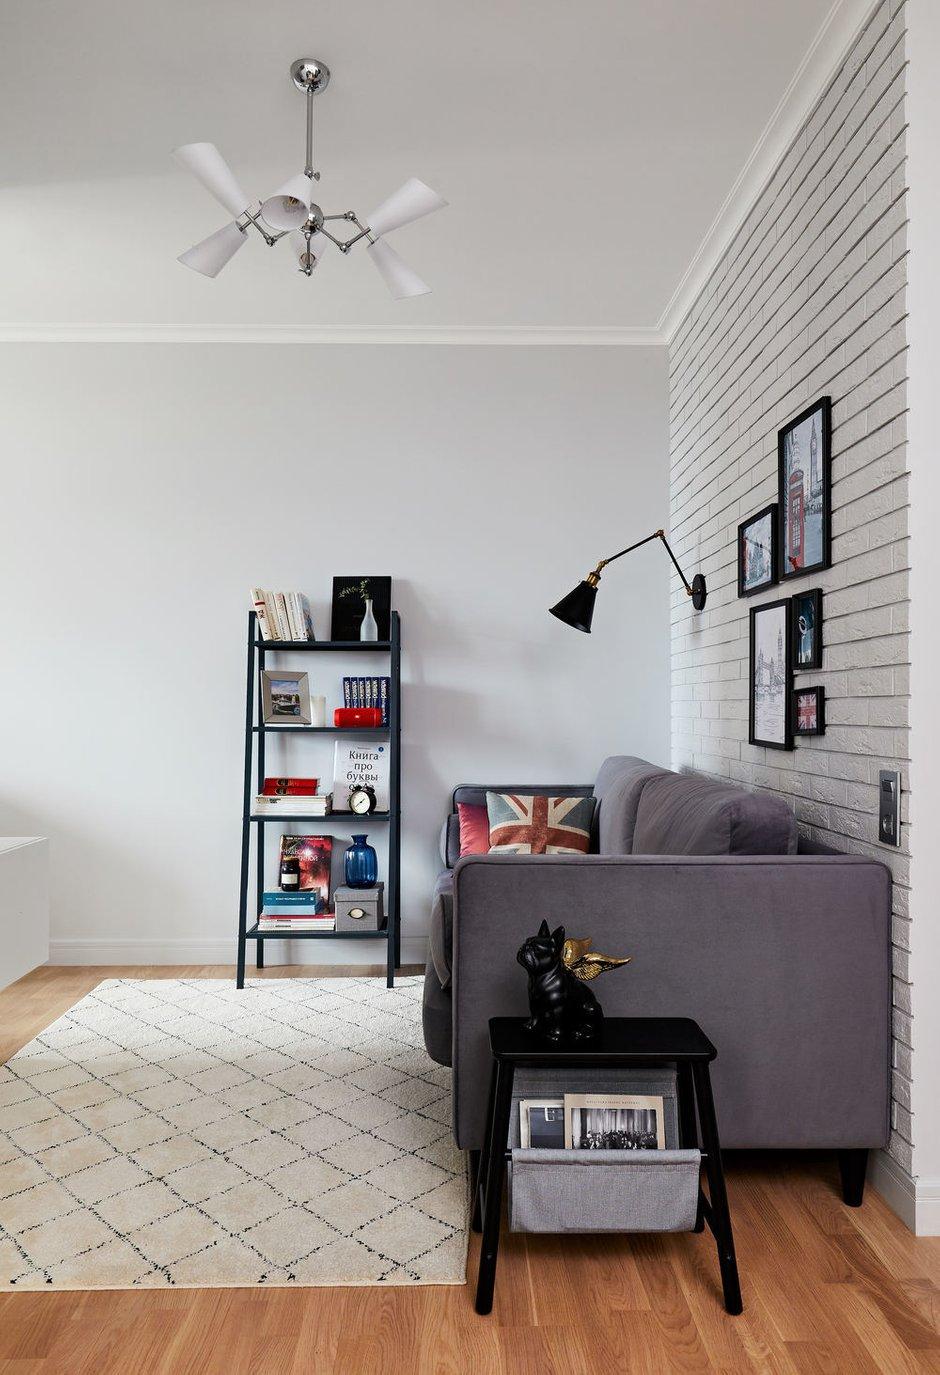 Фотография: Гостиная в стиле Современный, Квартира, Студия, Проект недели, Долгопрудный, 1 комната, до 40 метров, Марина Каралкина – фото на INMYROOM